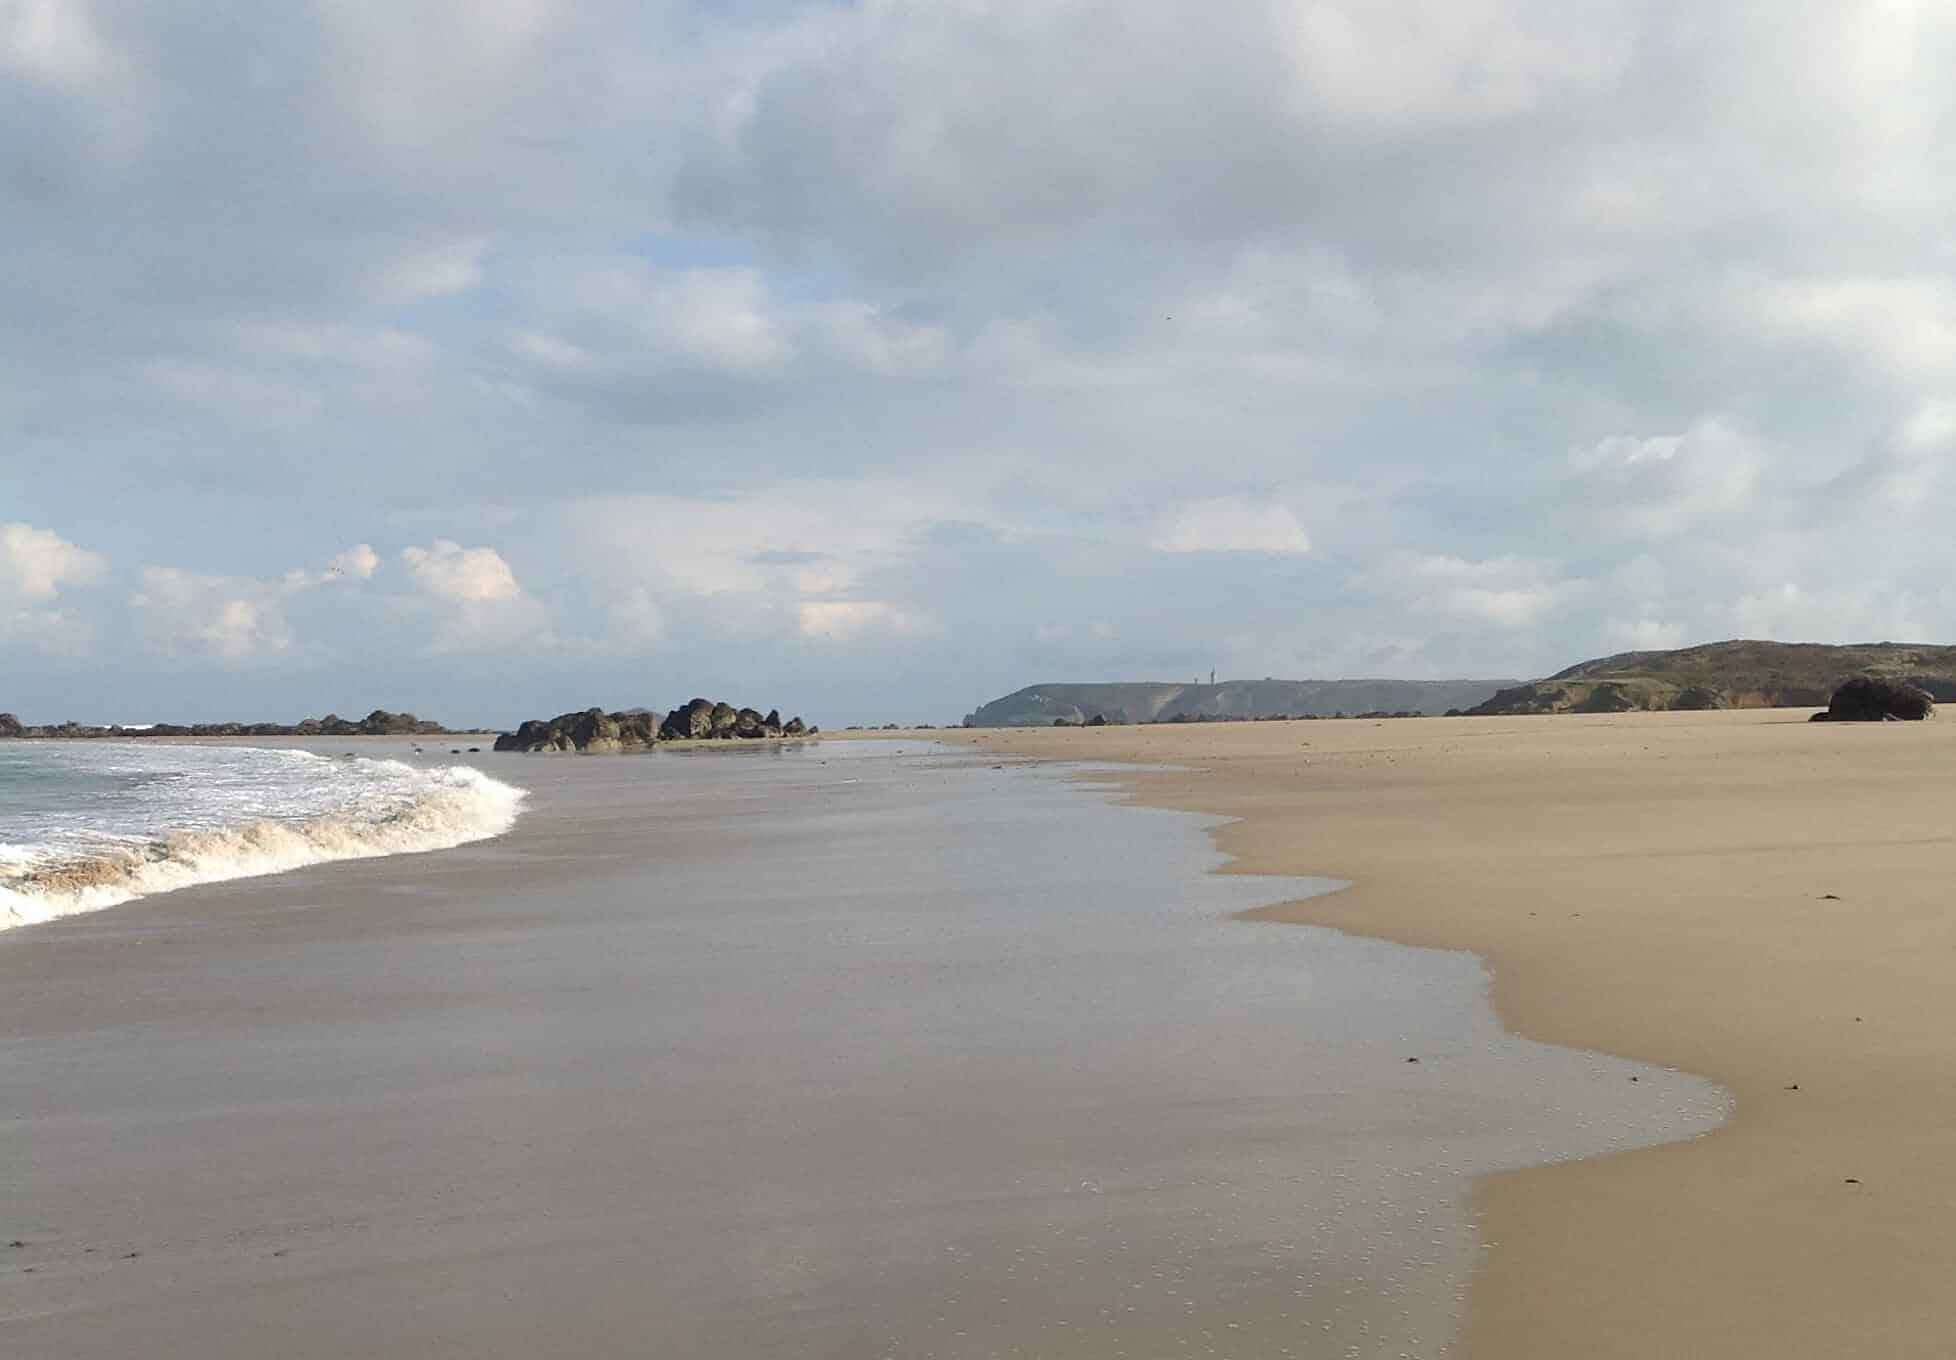 plage longue étendue rochers mer ecume calme